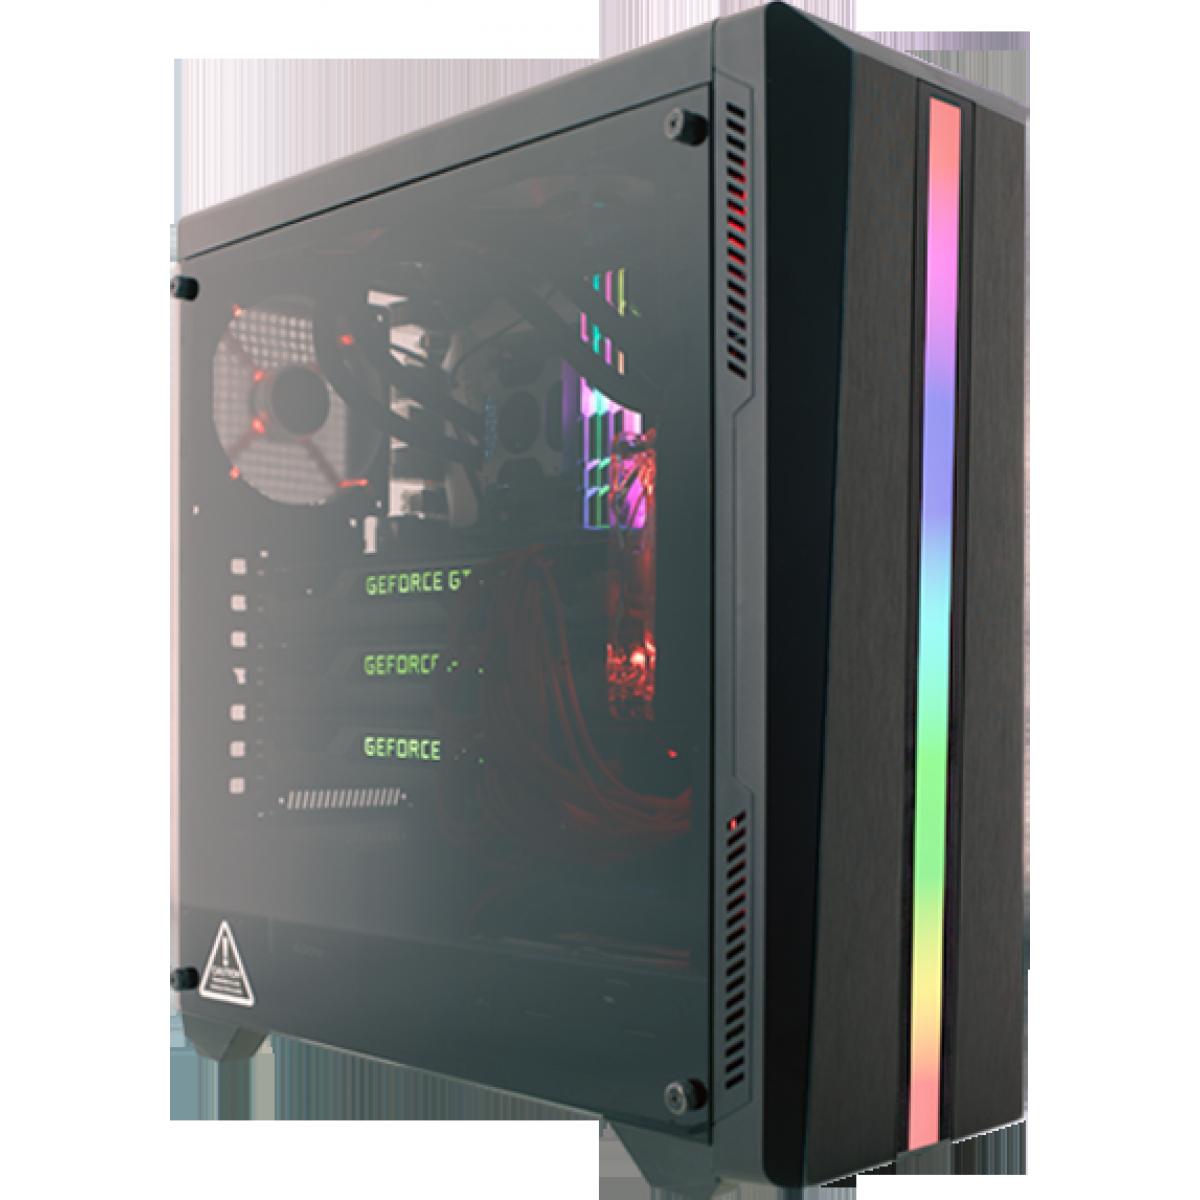 Pc Gamer Ideal 2019 Amd Ryzen 5 3600 / Geforce GTX 1660 Ti / DDR4 8GB / HD 1TB / 500W